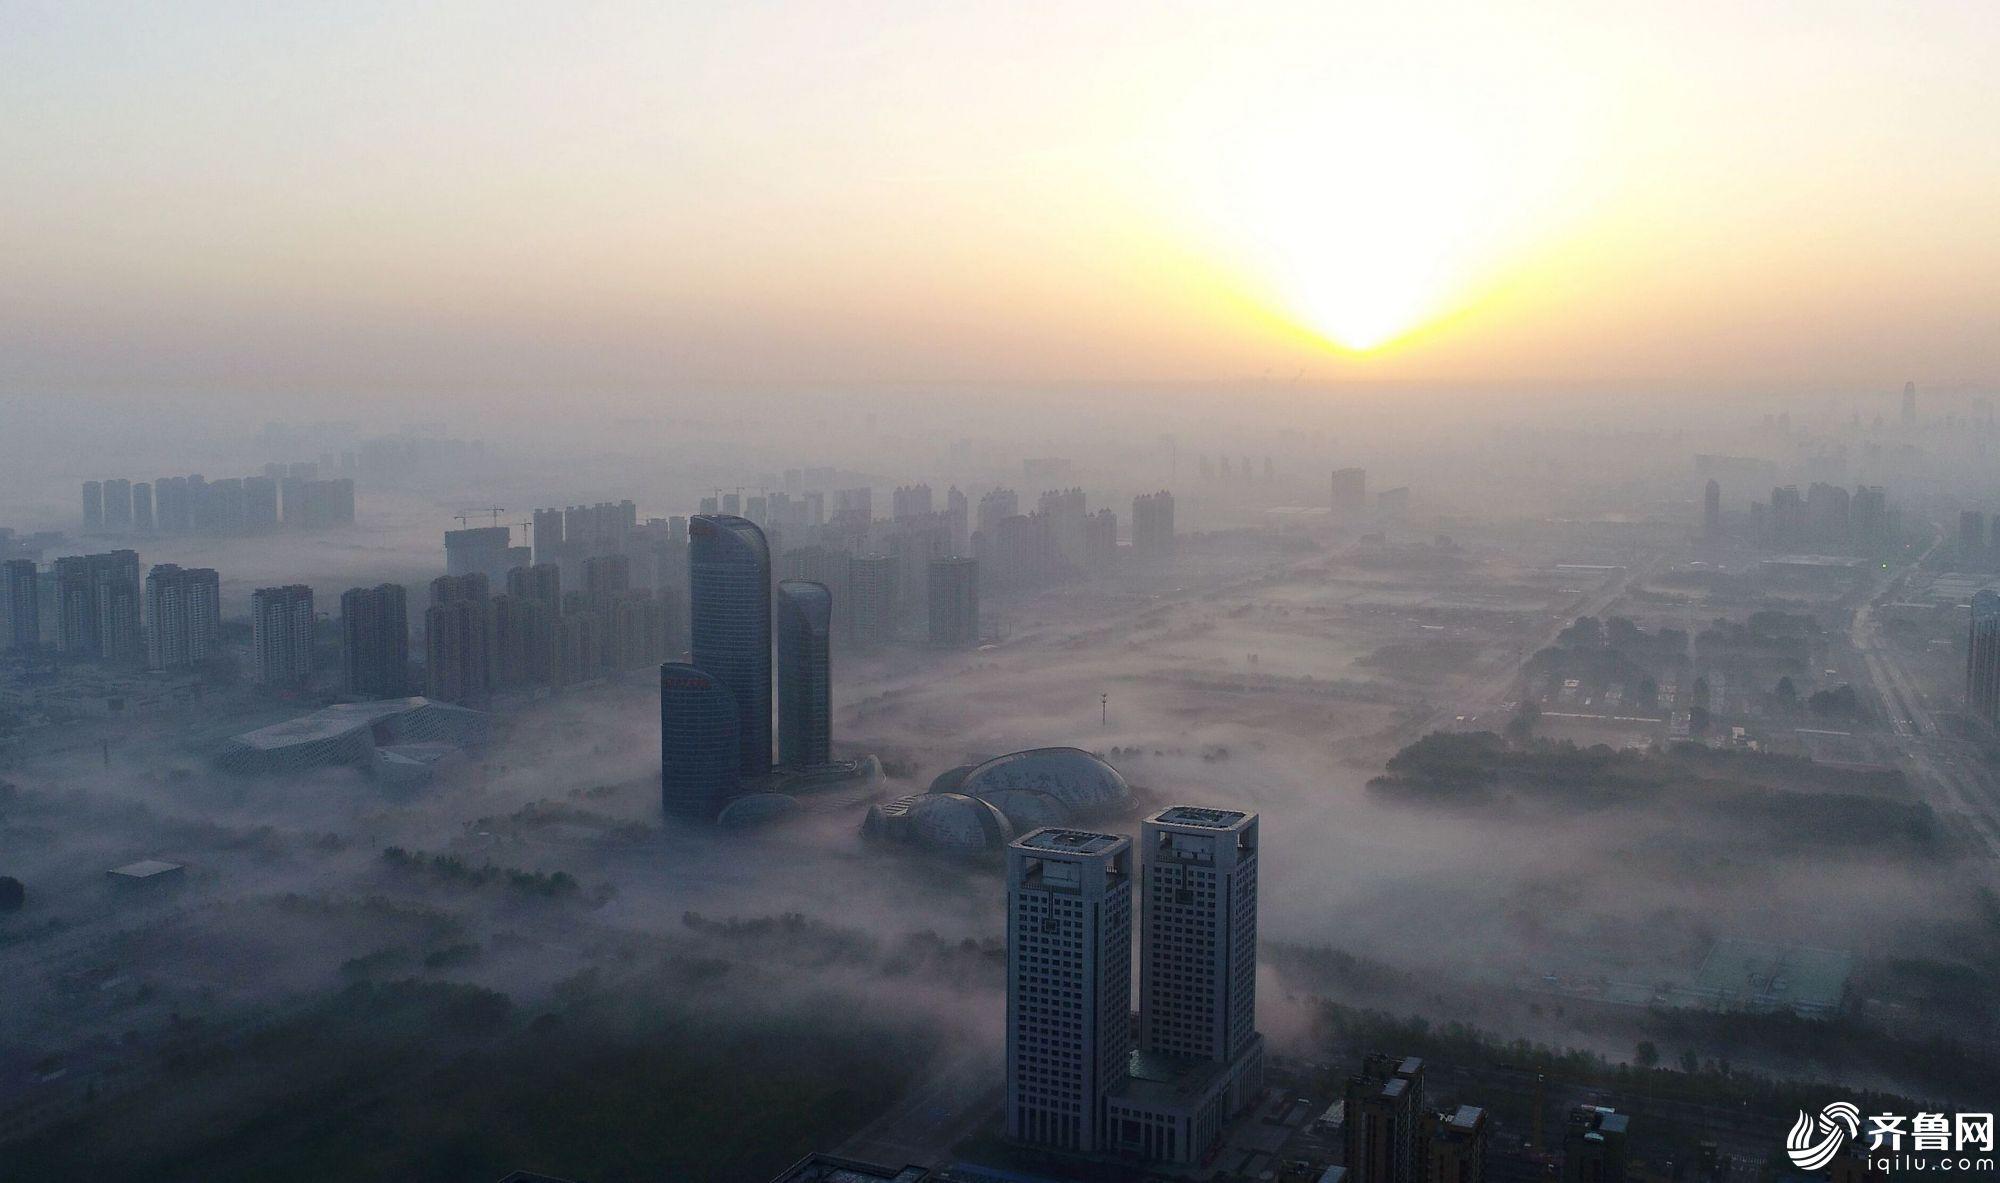 300米高空俯瞰济南雾海奇观犹如仙境